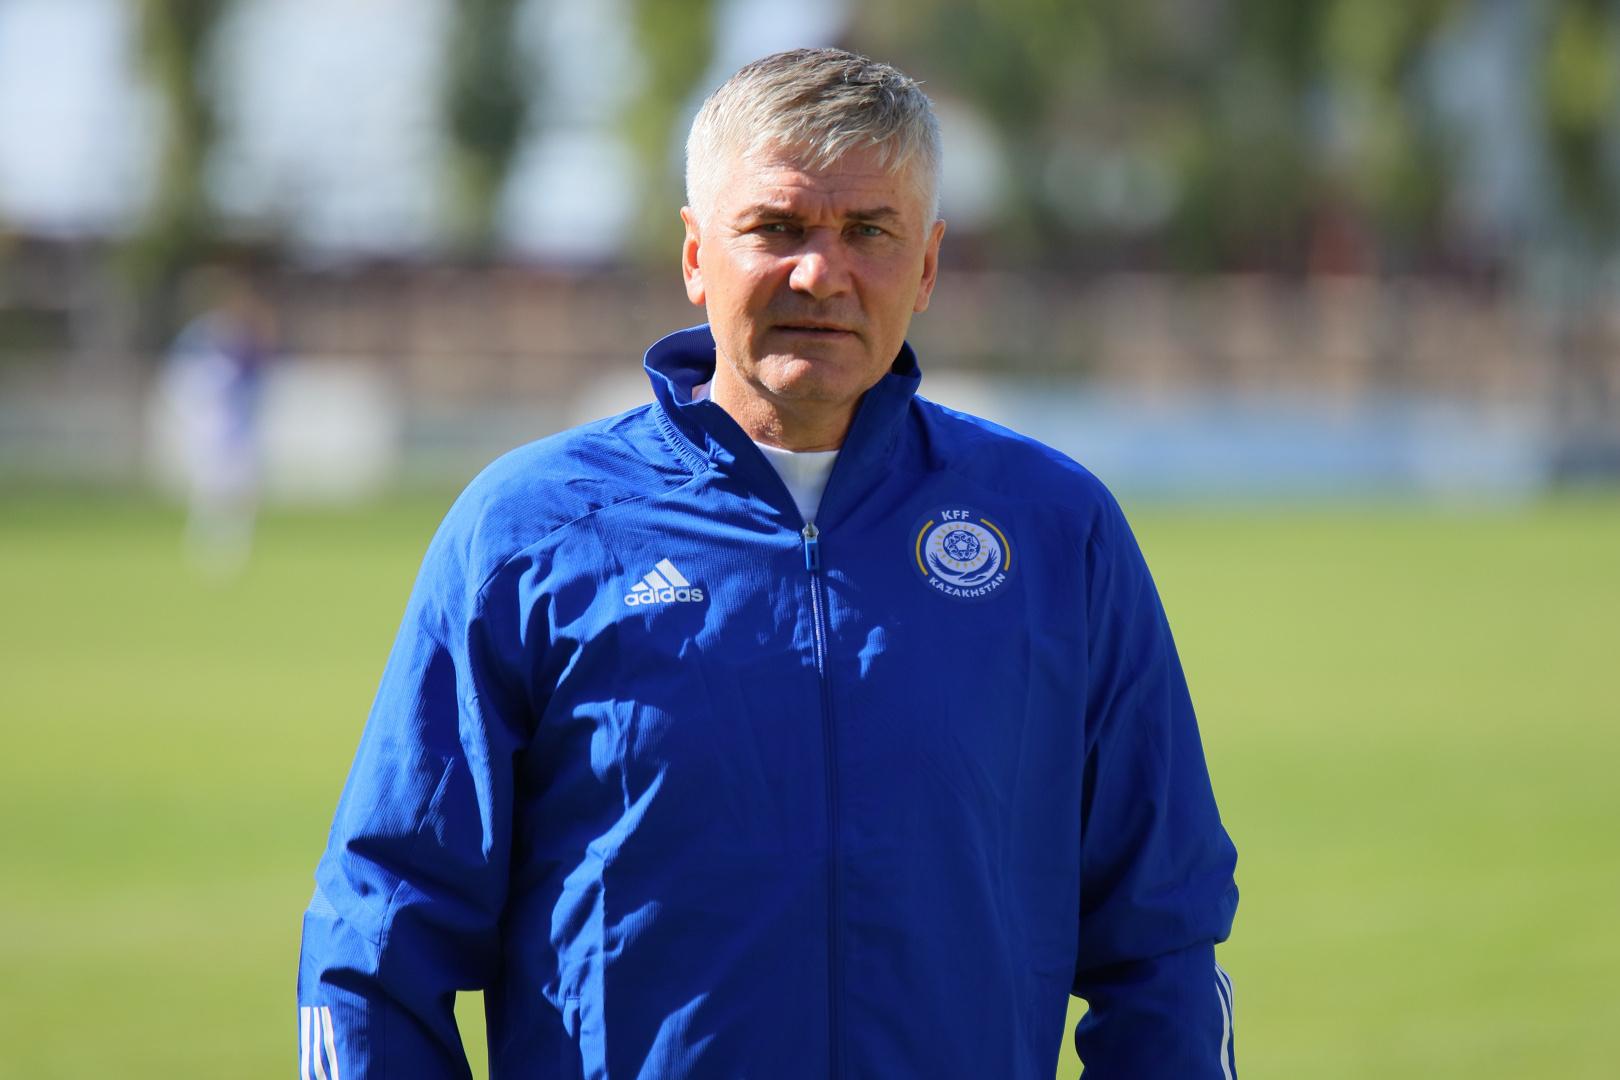 Иван Азовский – ассистент главного тренера ФК «Актобе»